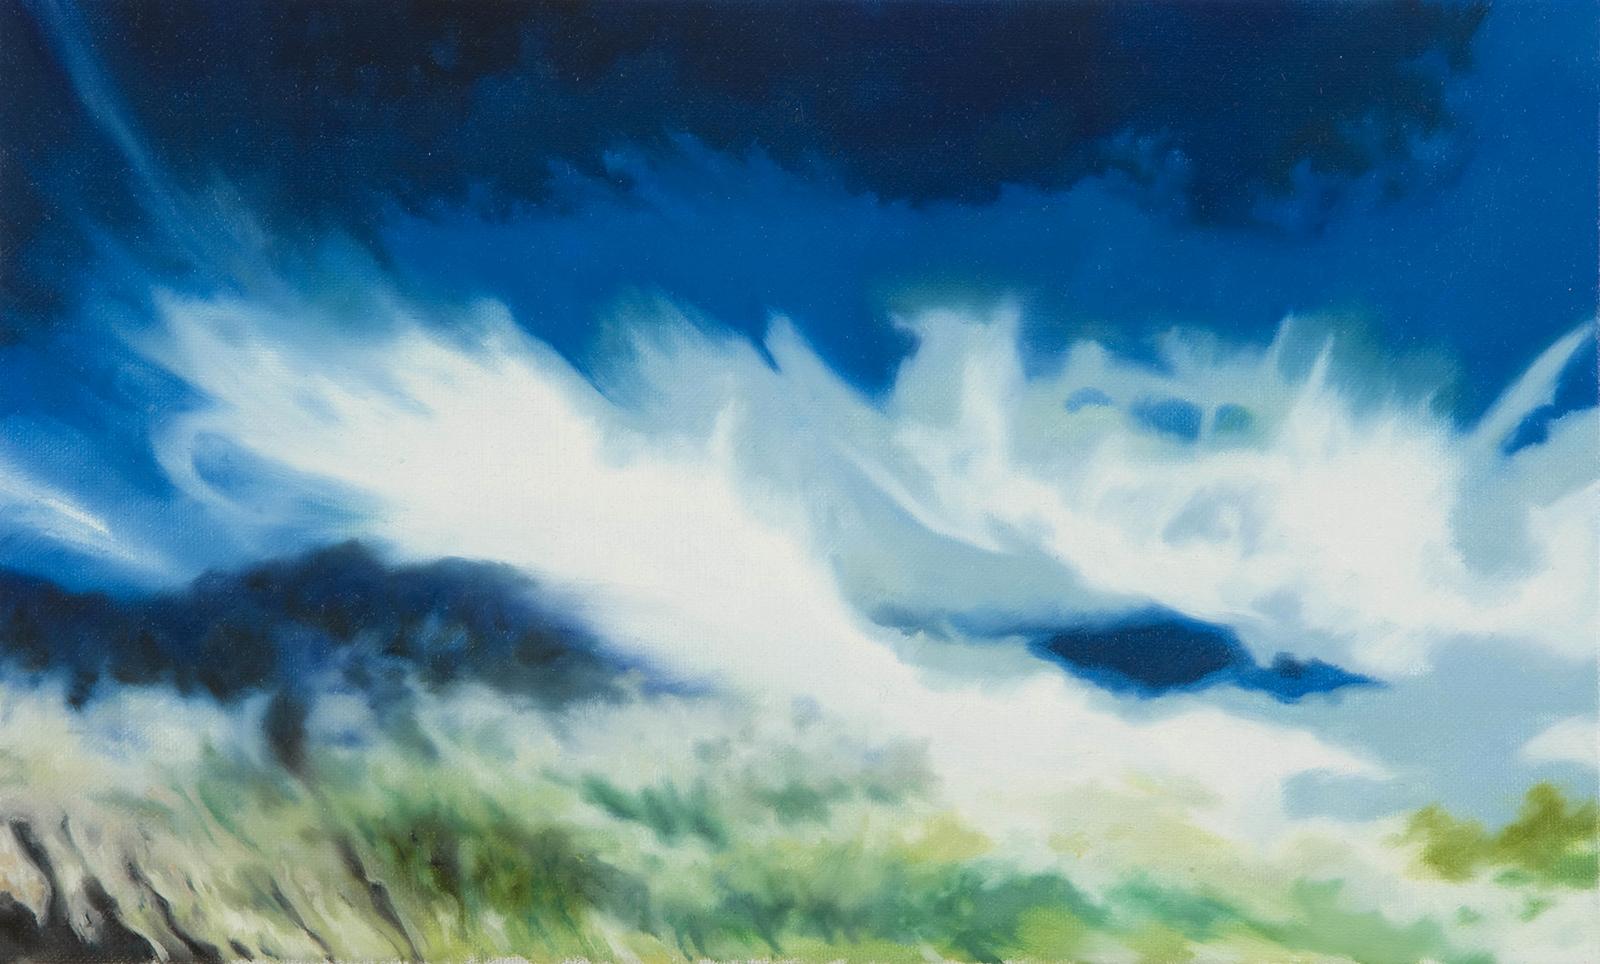 Norwegische Landschaft 2008, 20 x 33 cm, Öl auf Leinwand  Norwegian Landscape 2008, oil on canvas